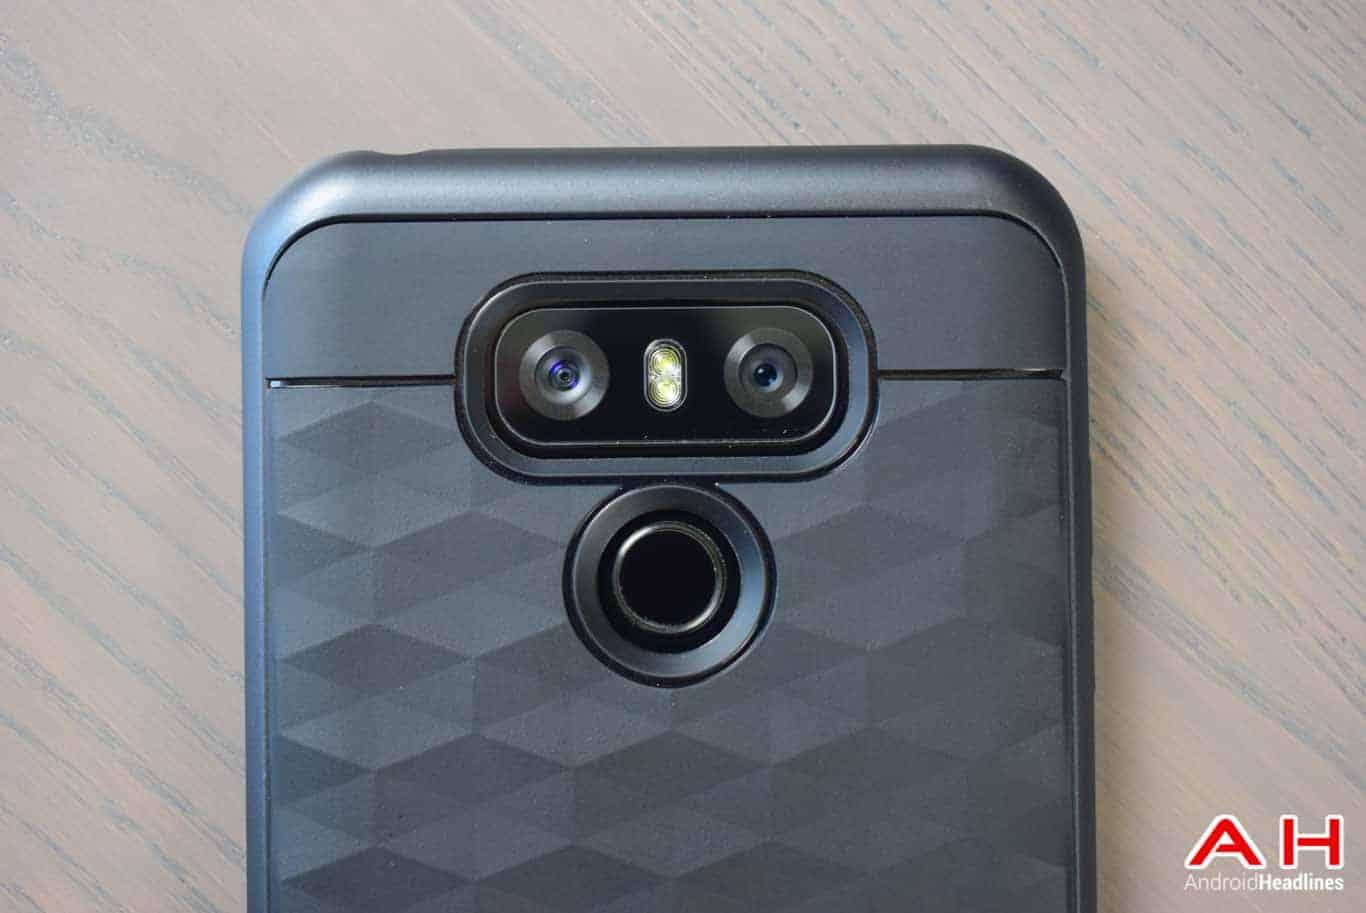 Caseology Parallax Series Case LG G6 AM AH 1